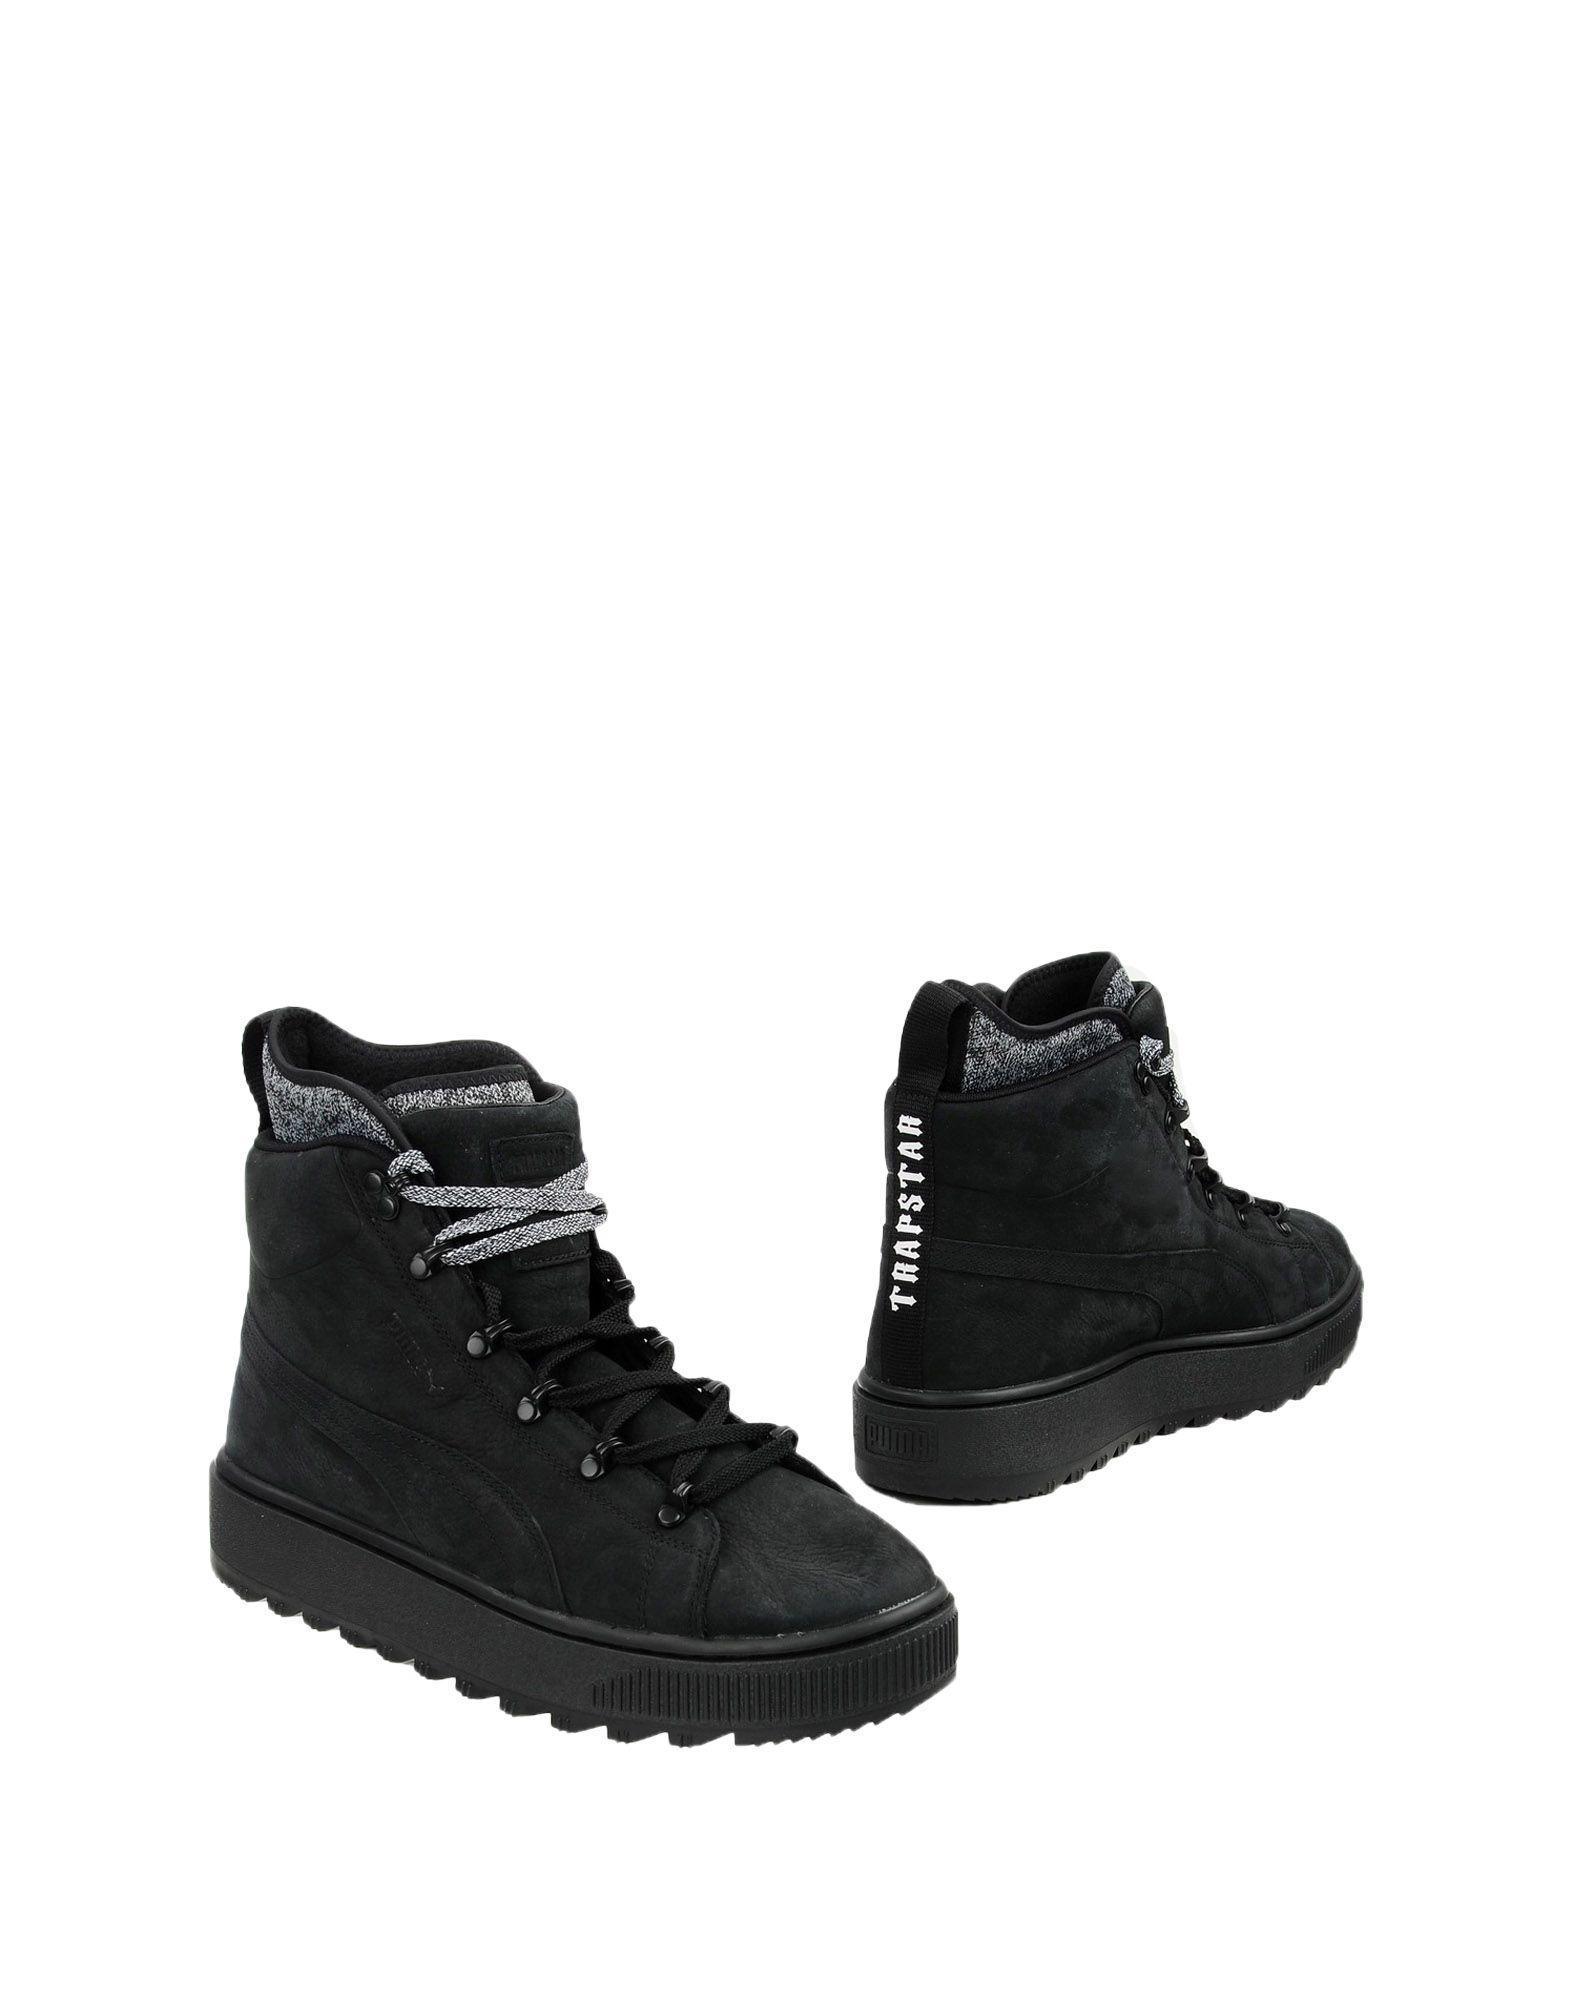 PUMA x TRAPSTAR Полусапоги и высокие ботинки цены онлайн